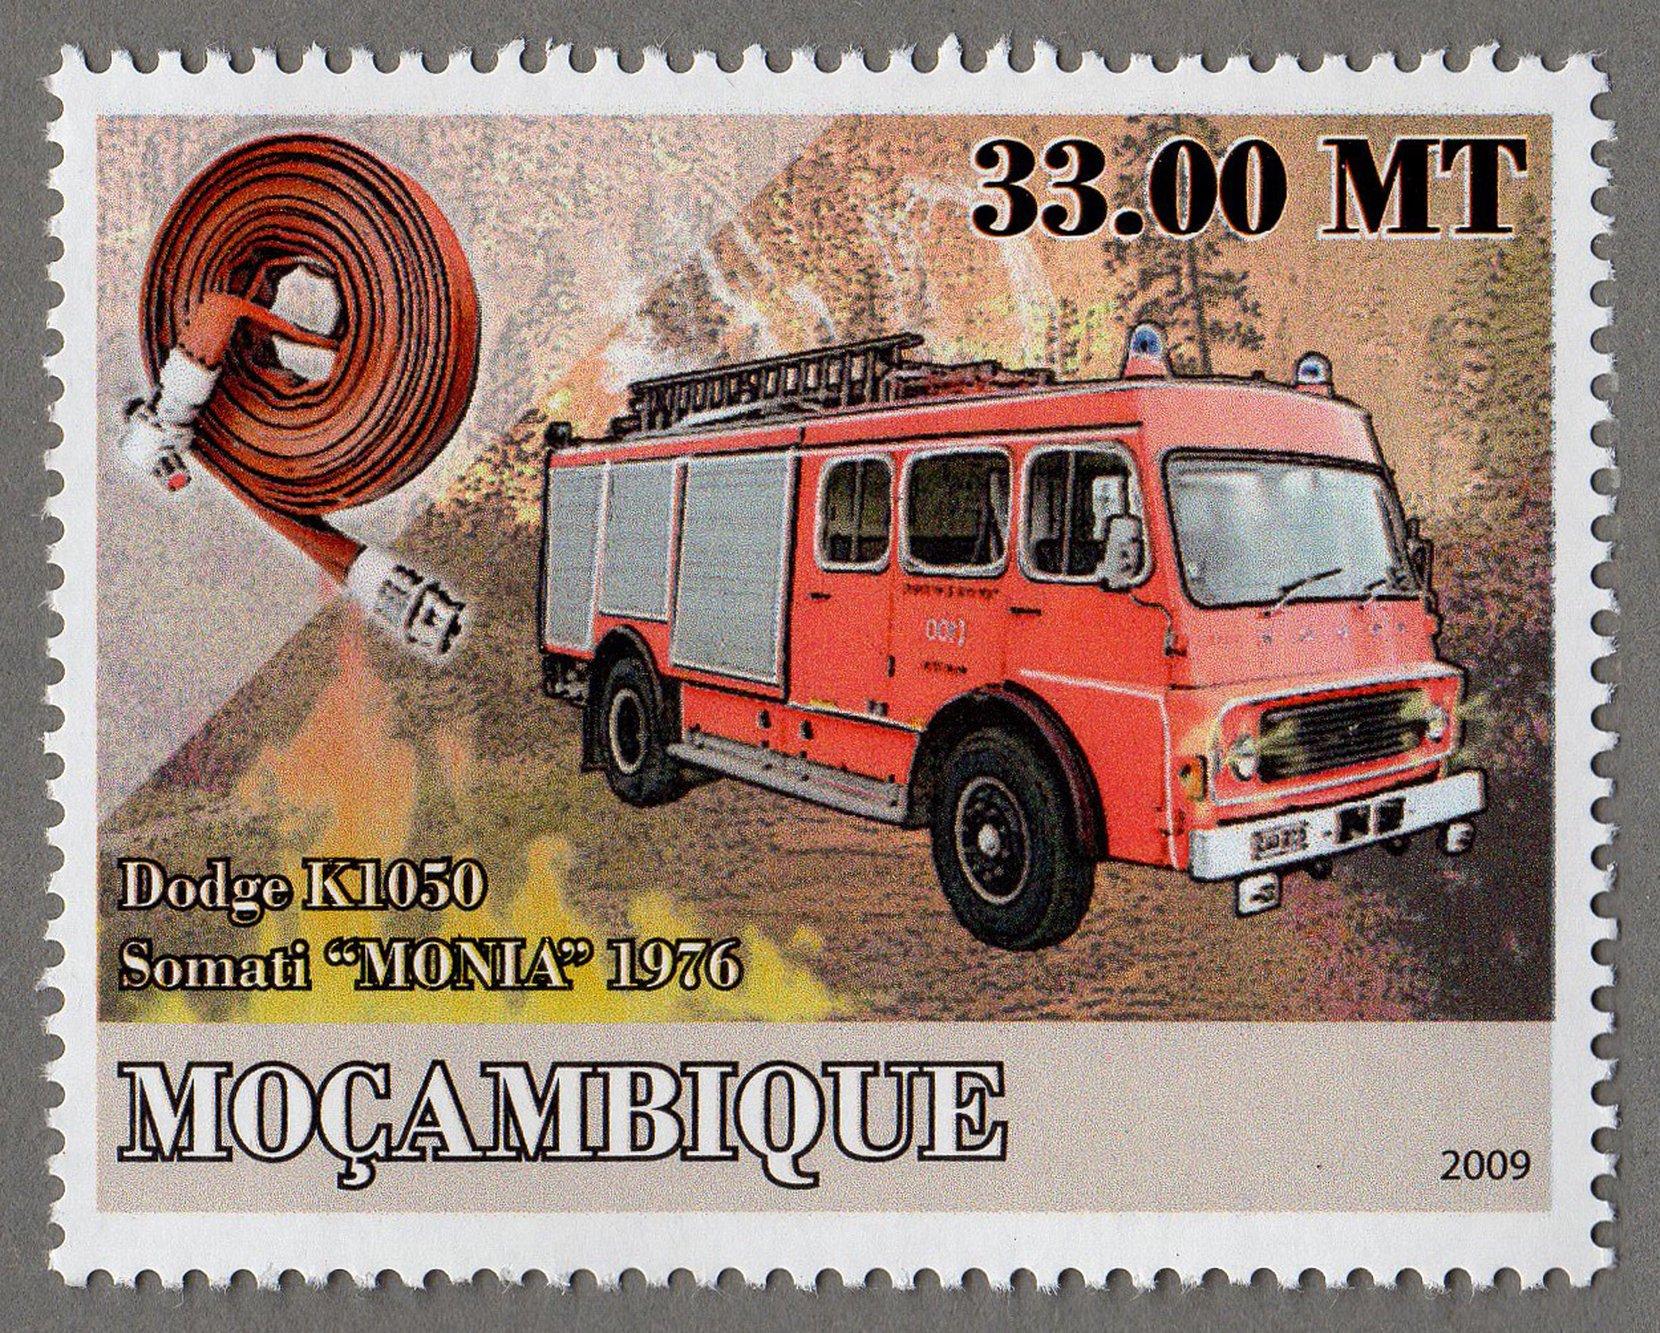 dodge kl050, 2009 stamp philately postage stamps